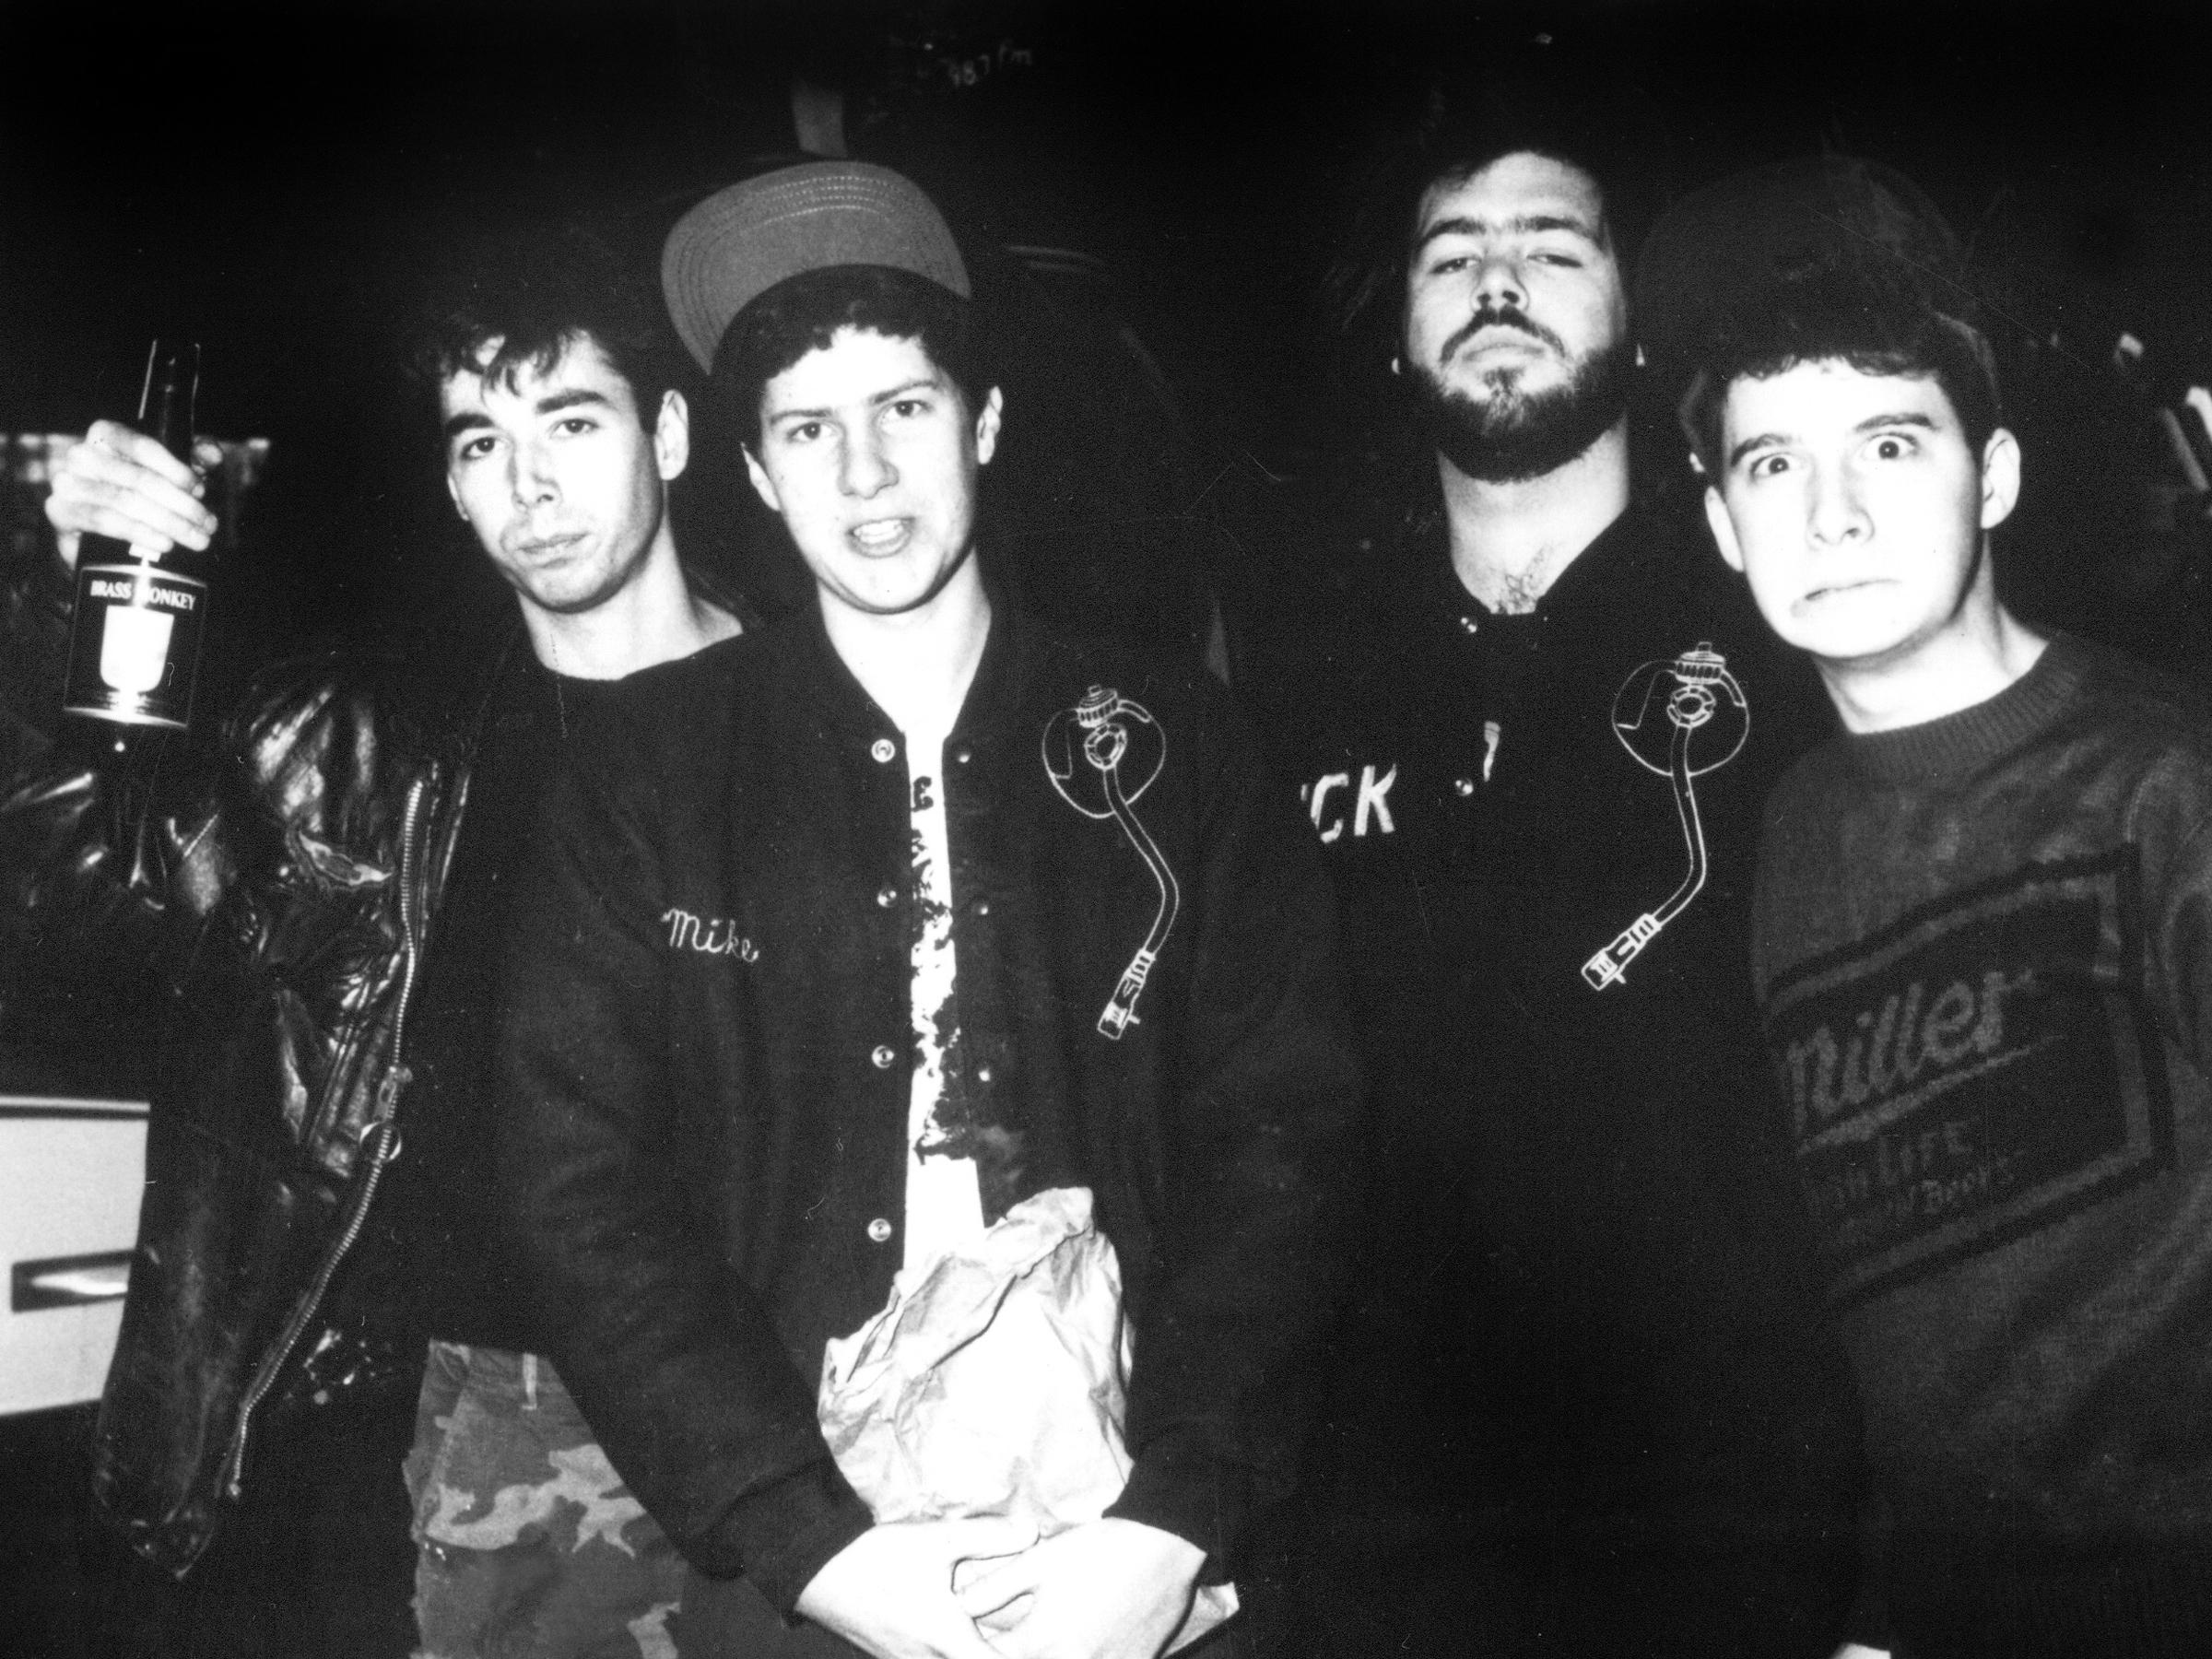 The Beastie Boys with producer Rick Rubin [beard] (1985)